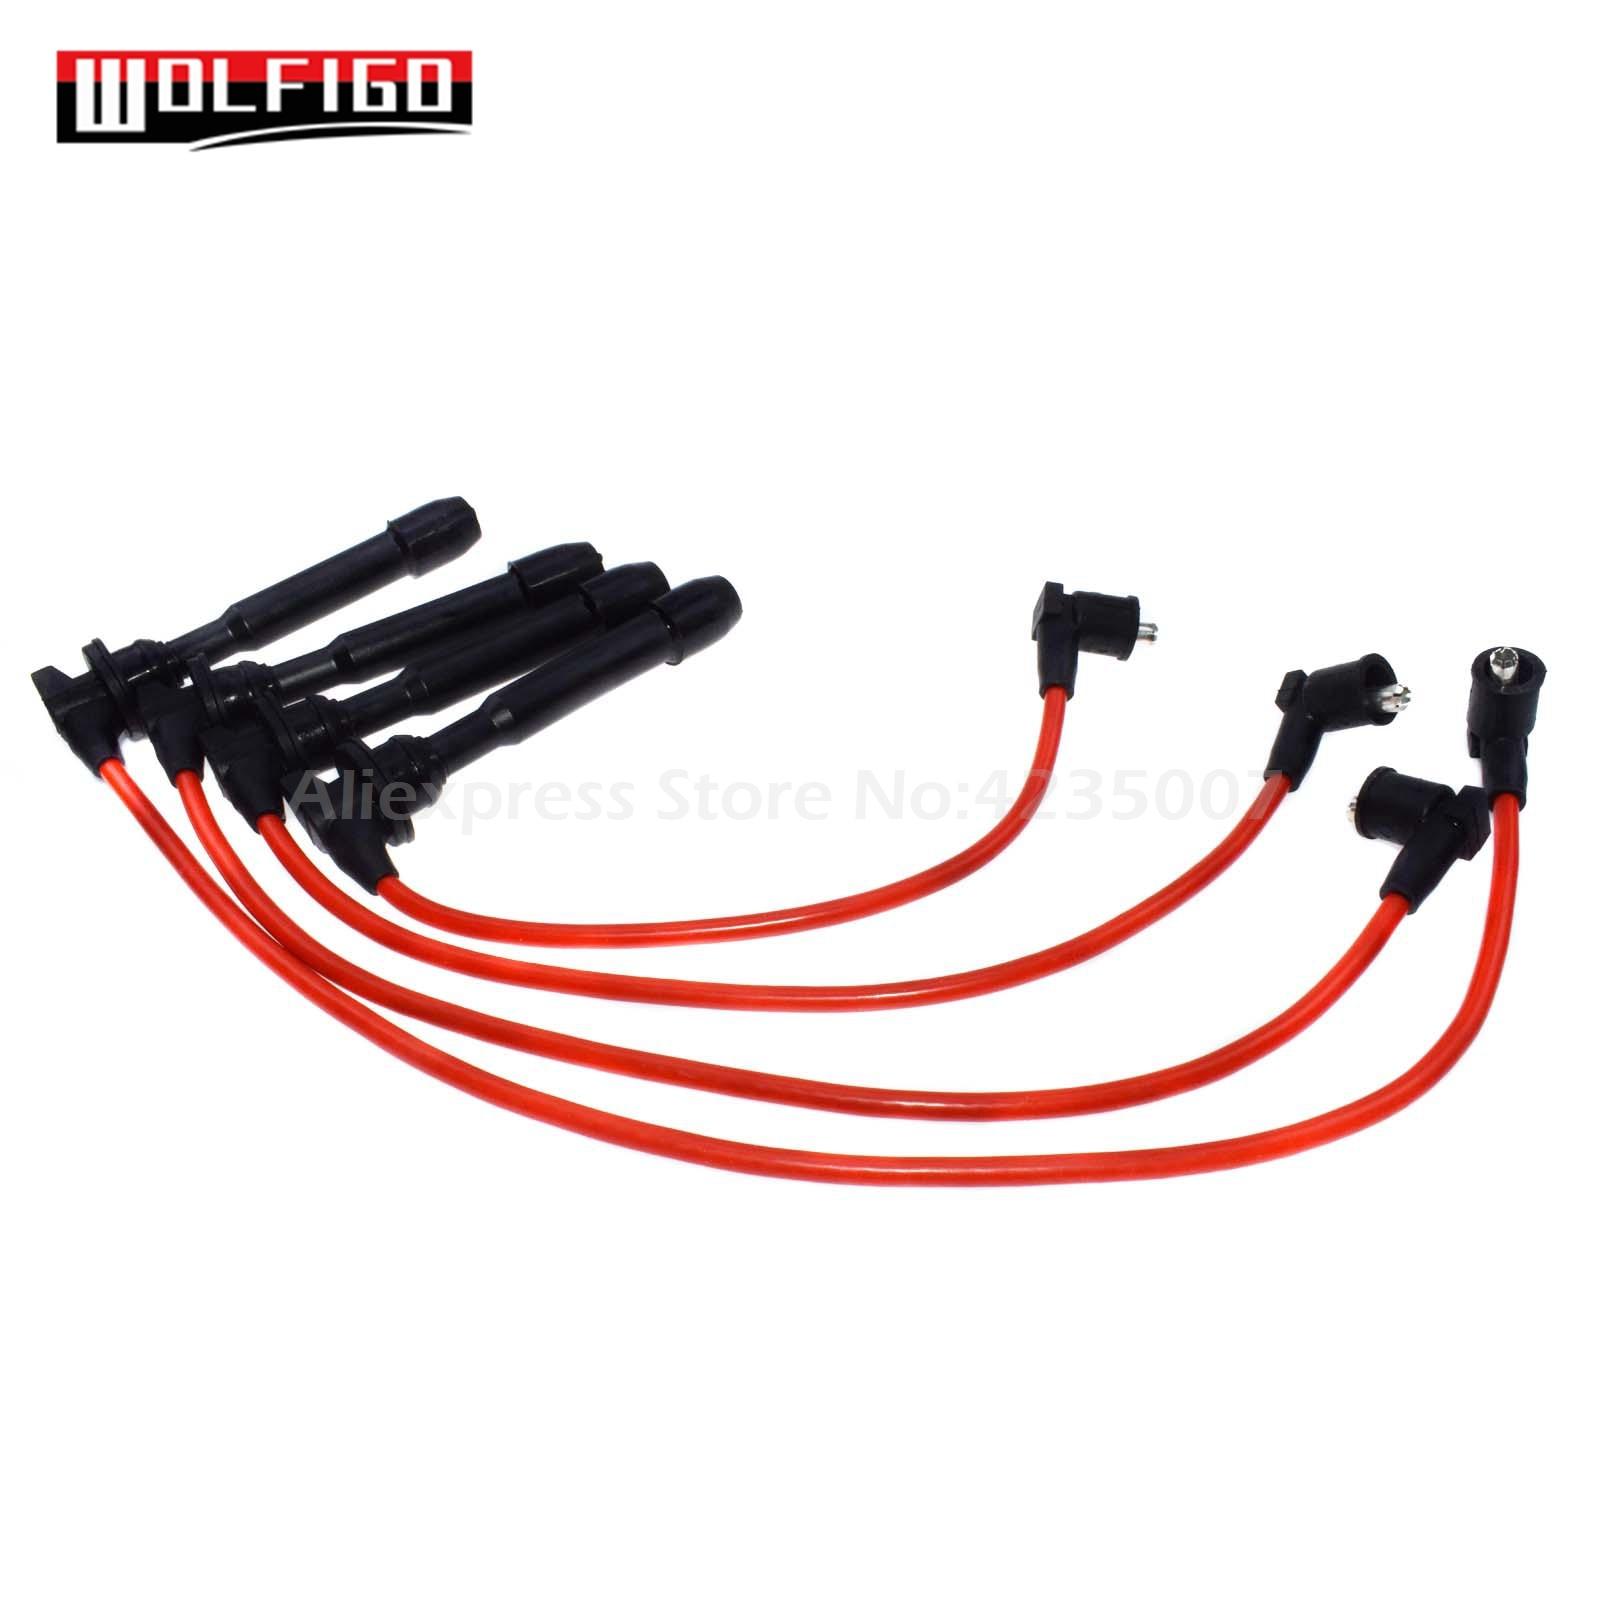 For NGK Spark Plug Wire Set For Hyundai Elantra 2007 2005 2004 2003 2002 2001 99